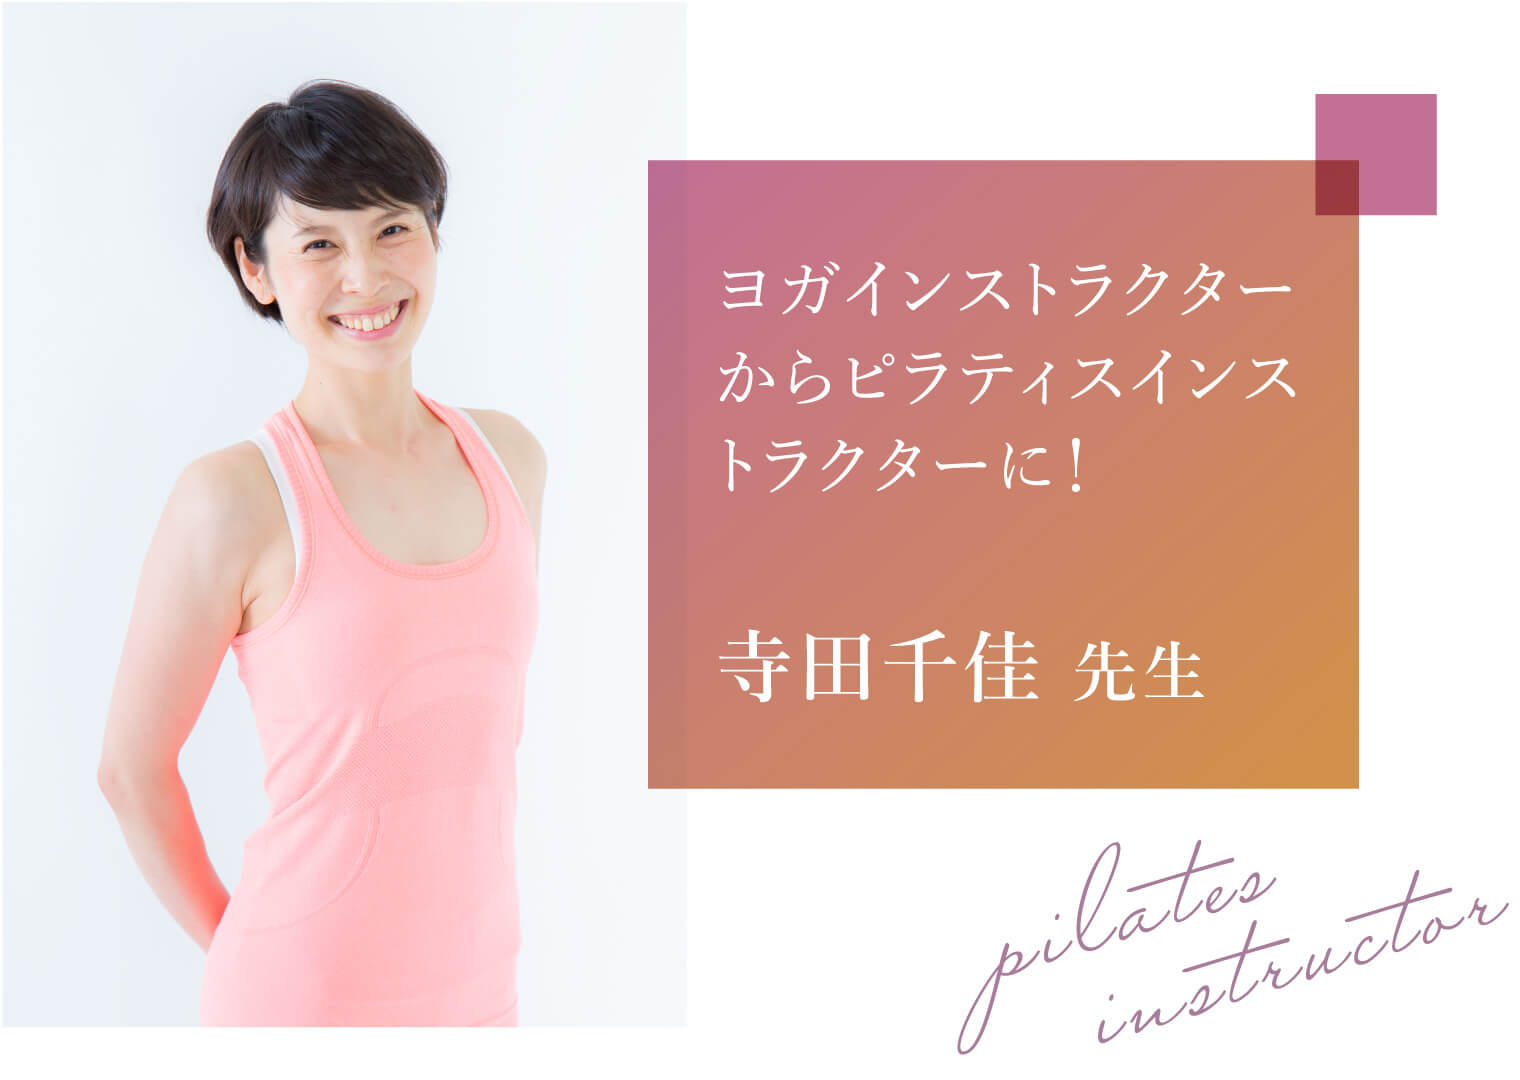 ヴィオラスクールを卒業して活躍するインストラクター|寺田千佳先生